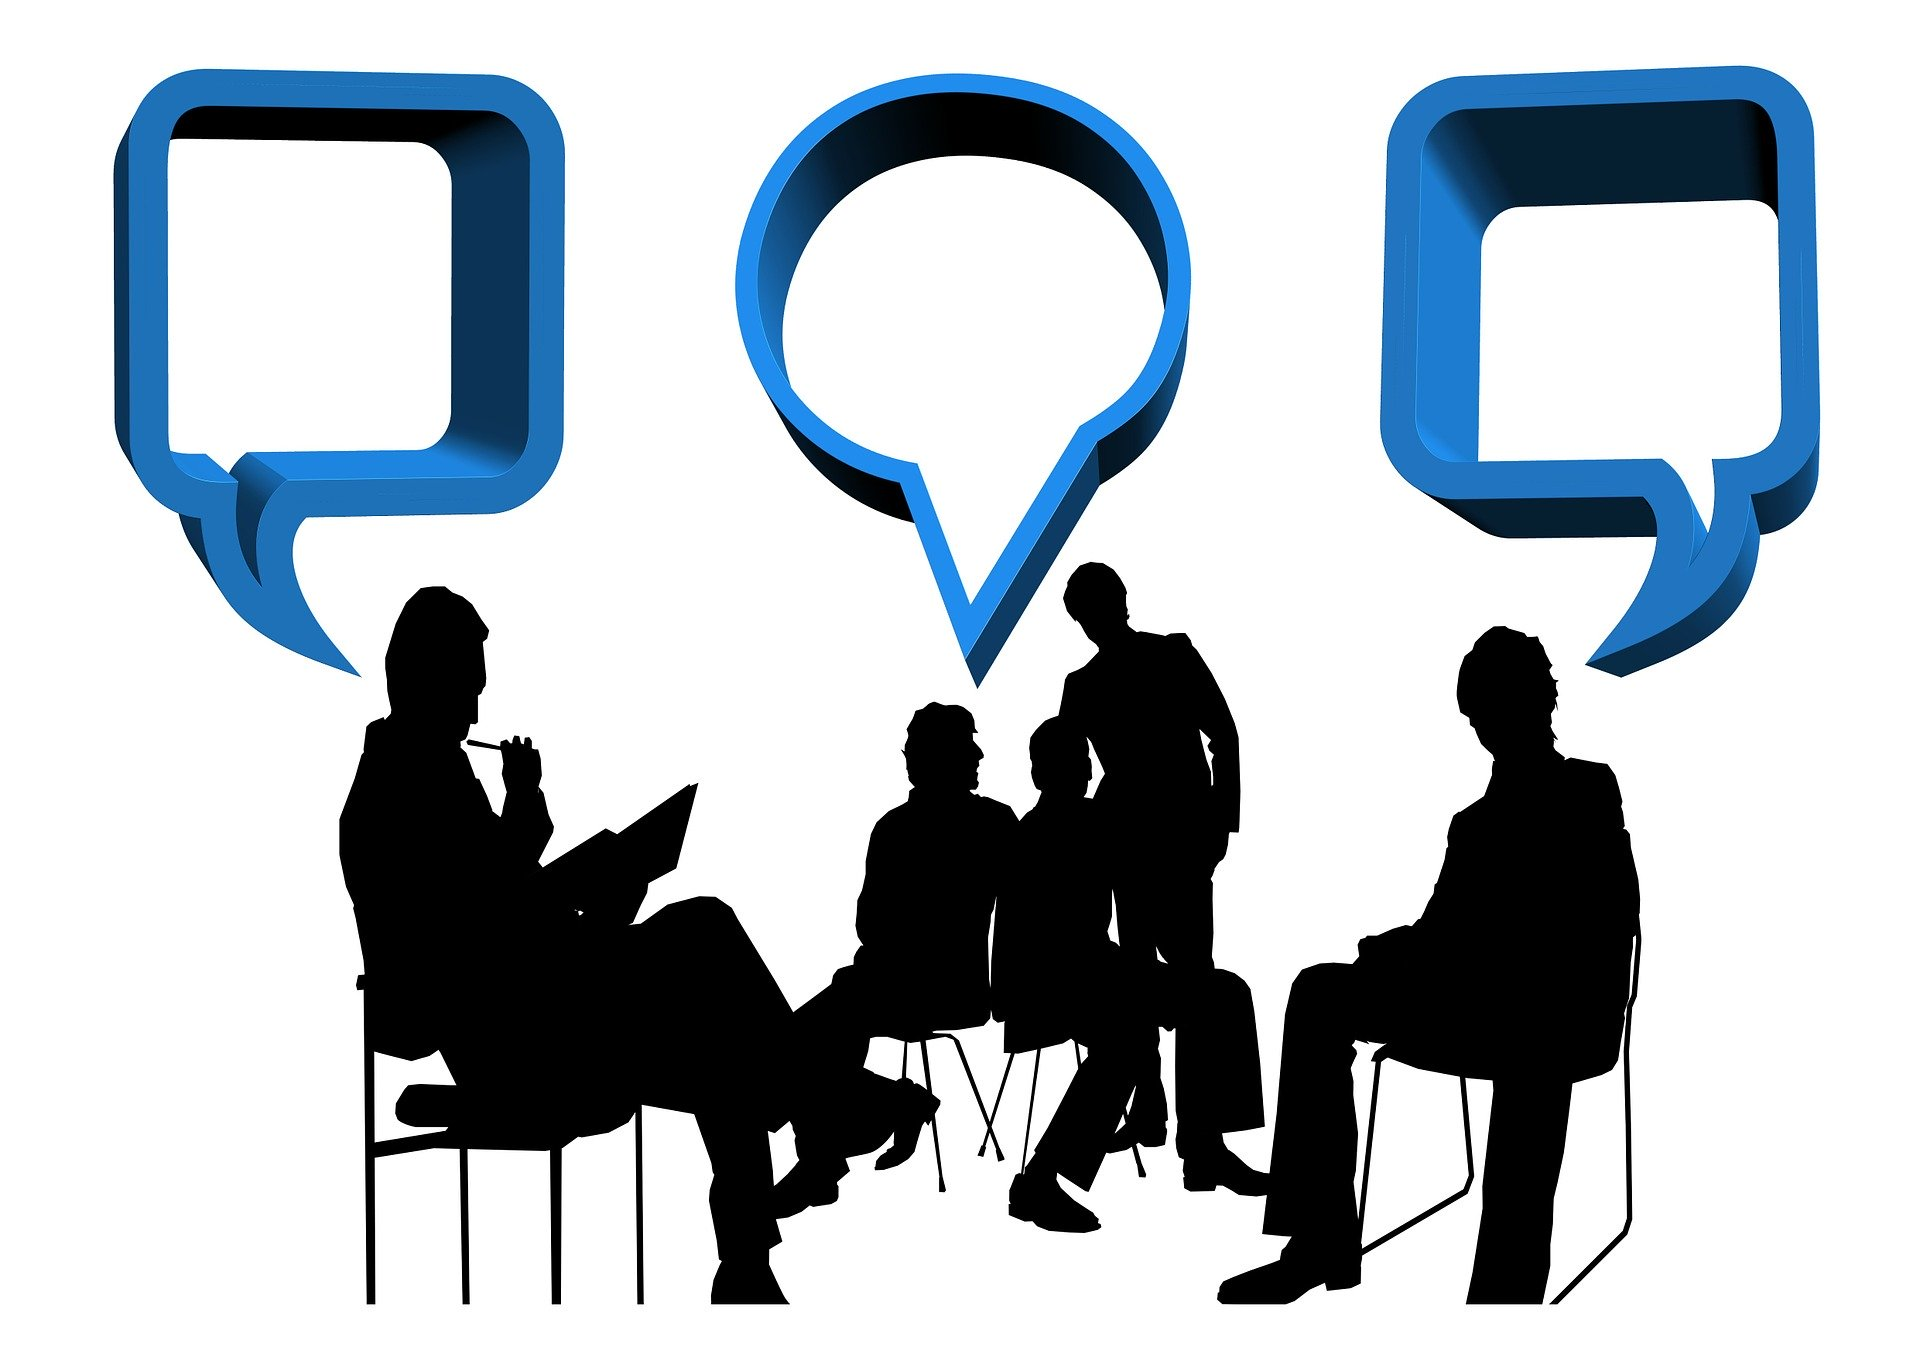 Розкриття інформації про кінцевих бенефіціарних власників по-новому